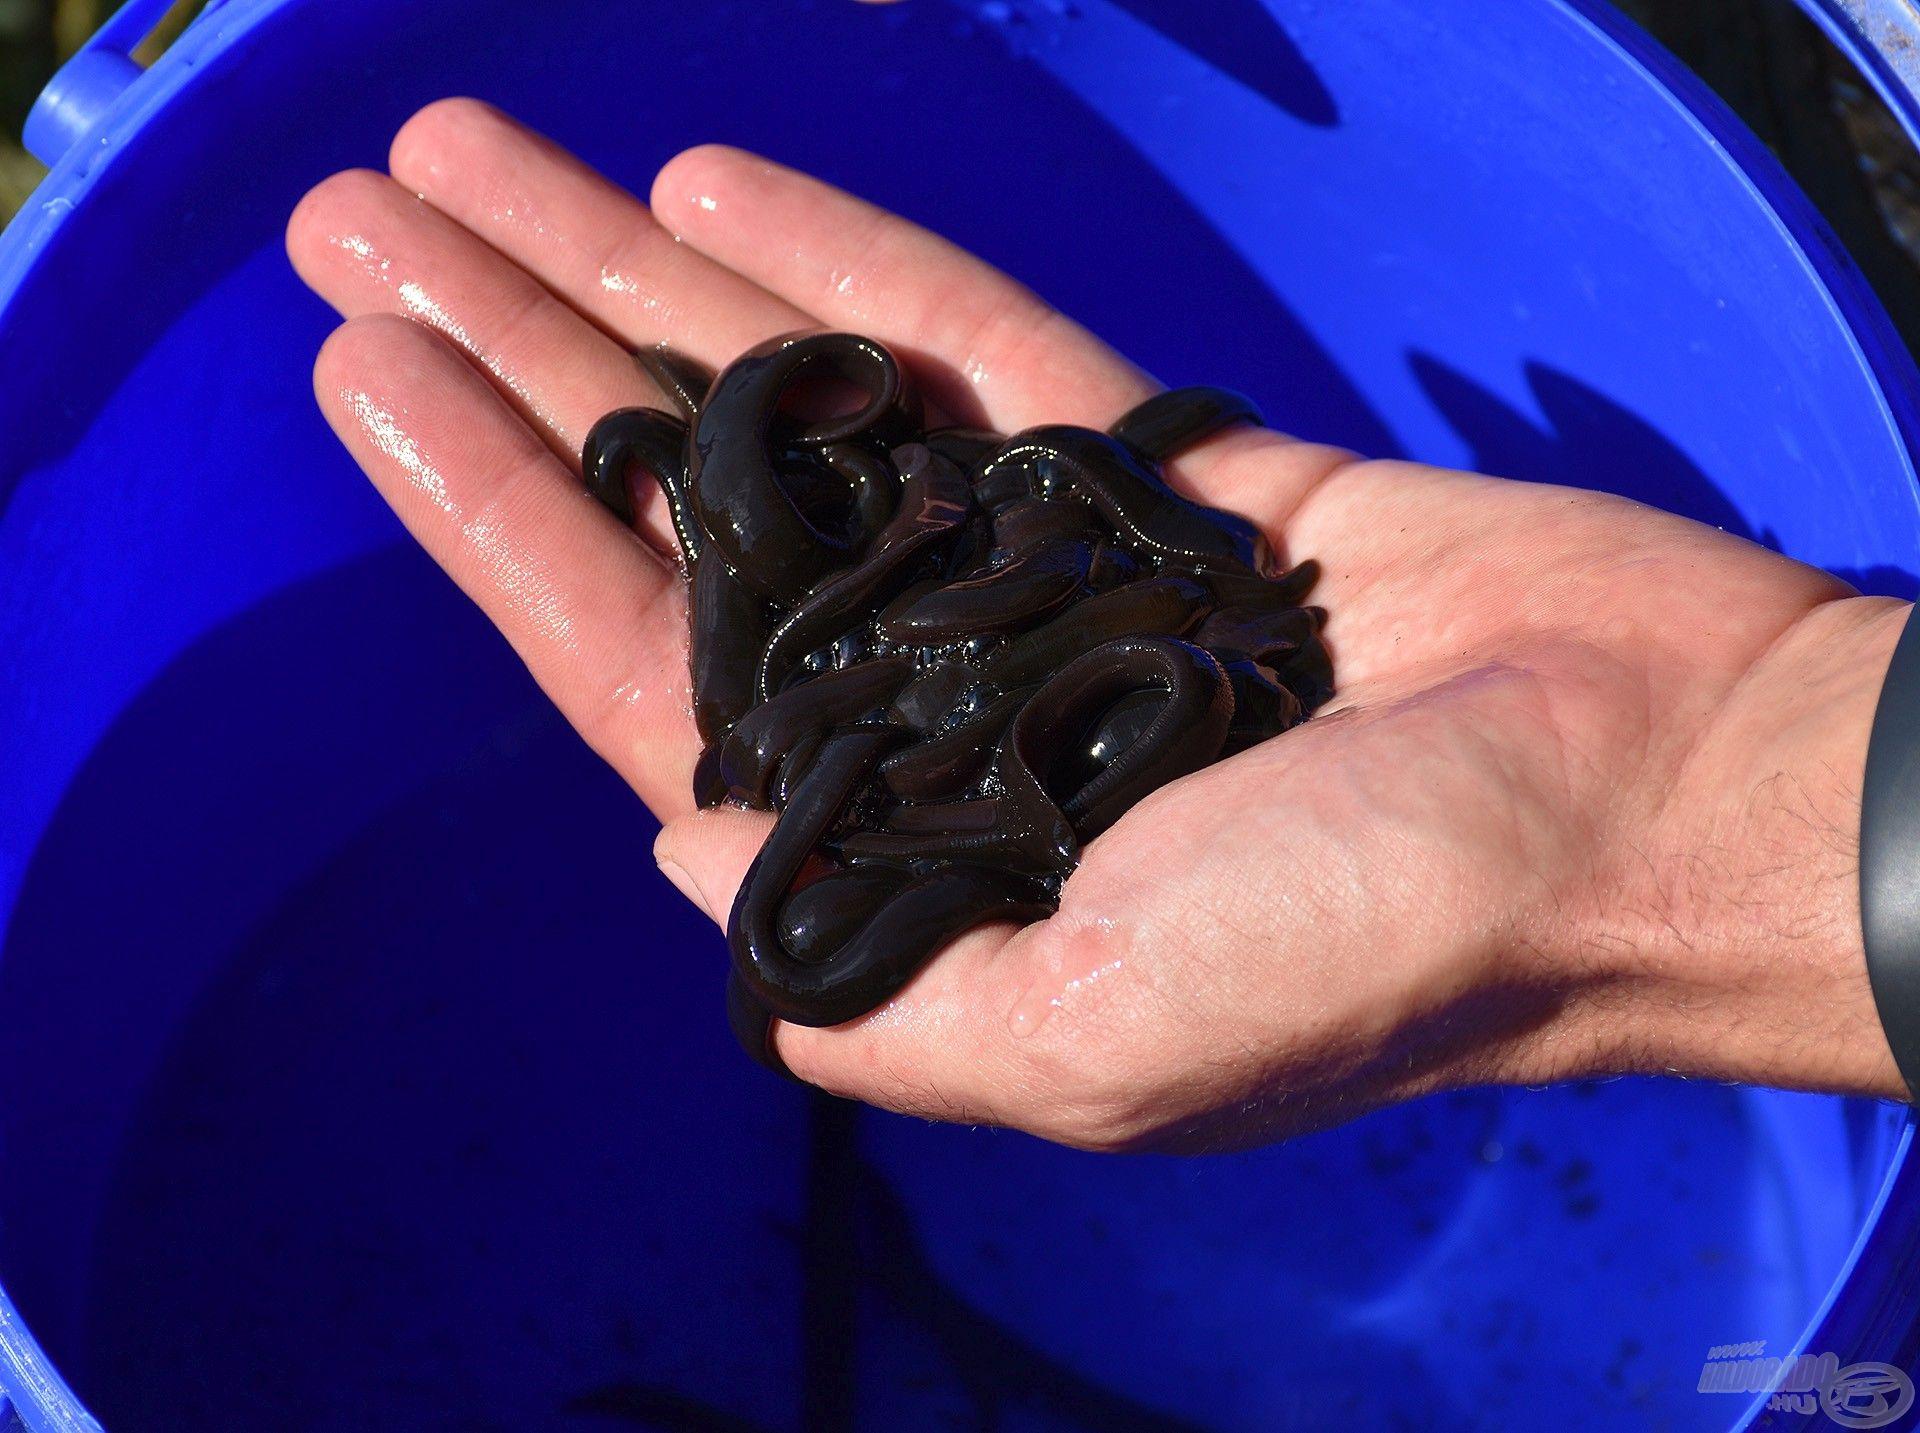 A nadály néven ismert gyűrűsféreg a legkedveltebb, legfogósabb harcsacsalik egyike